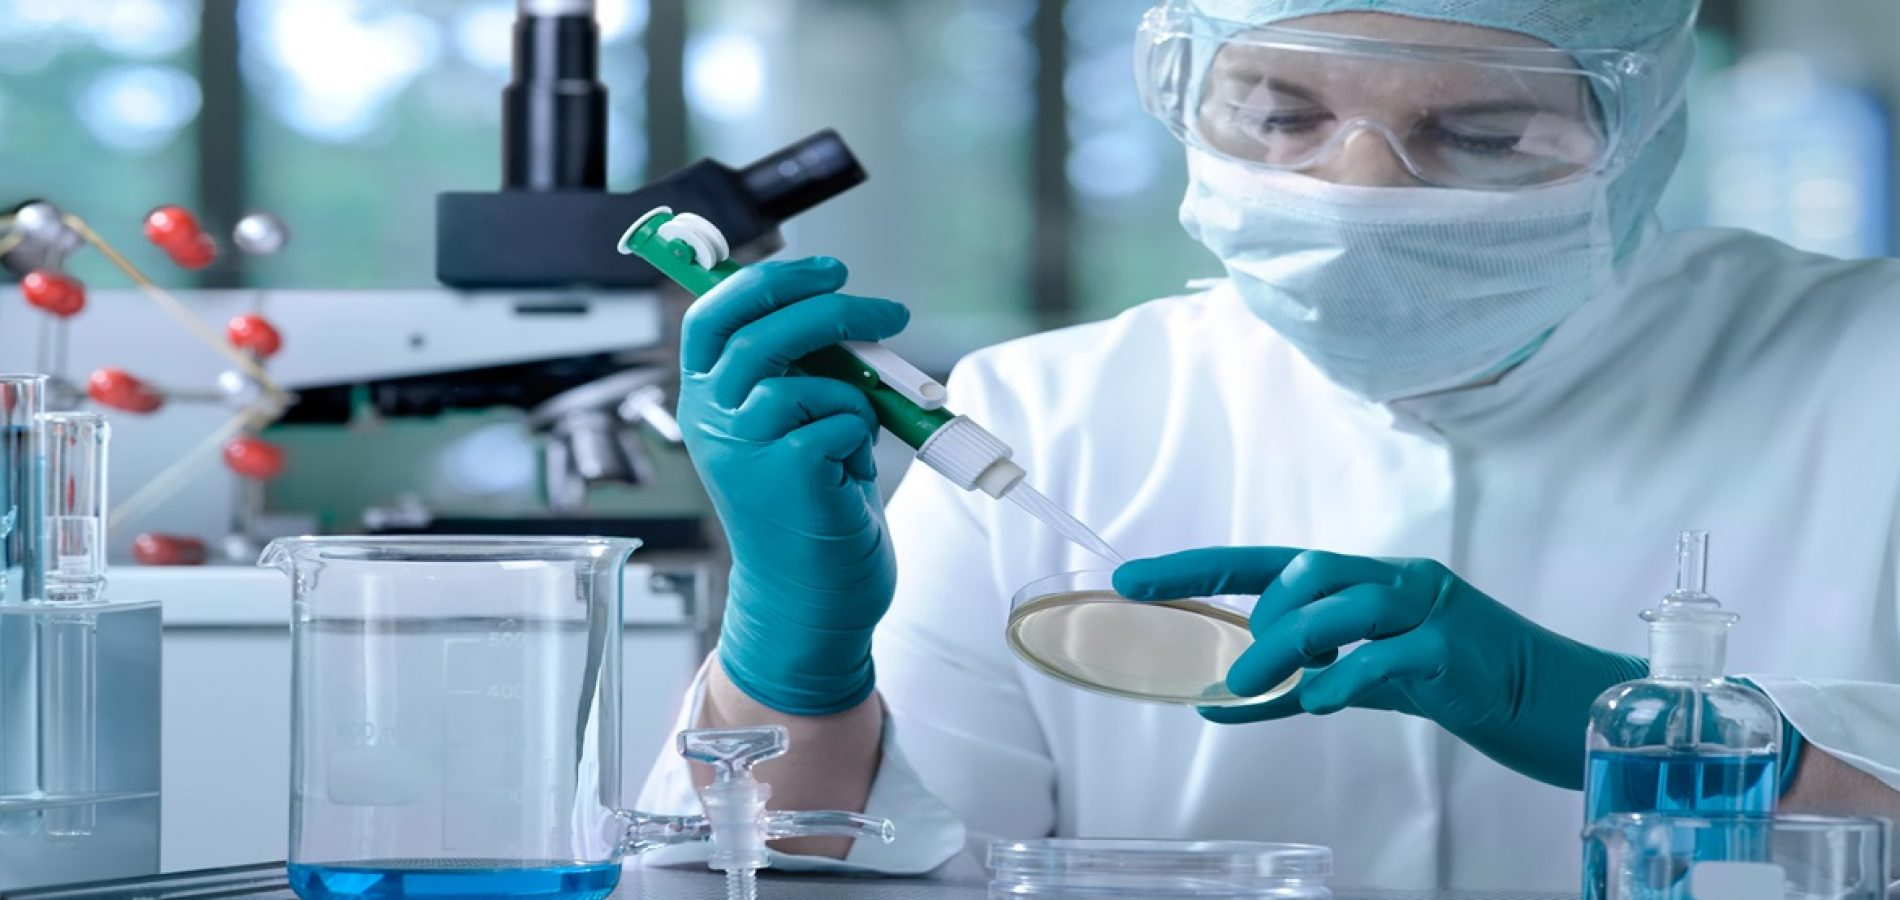 Em fase de teste, novo exame de sangue poderá descobrir  câncer dez anos antes de se manifestar